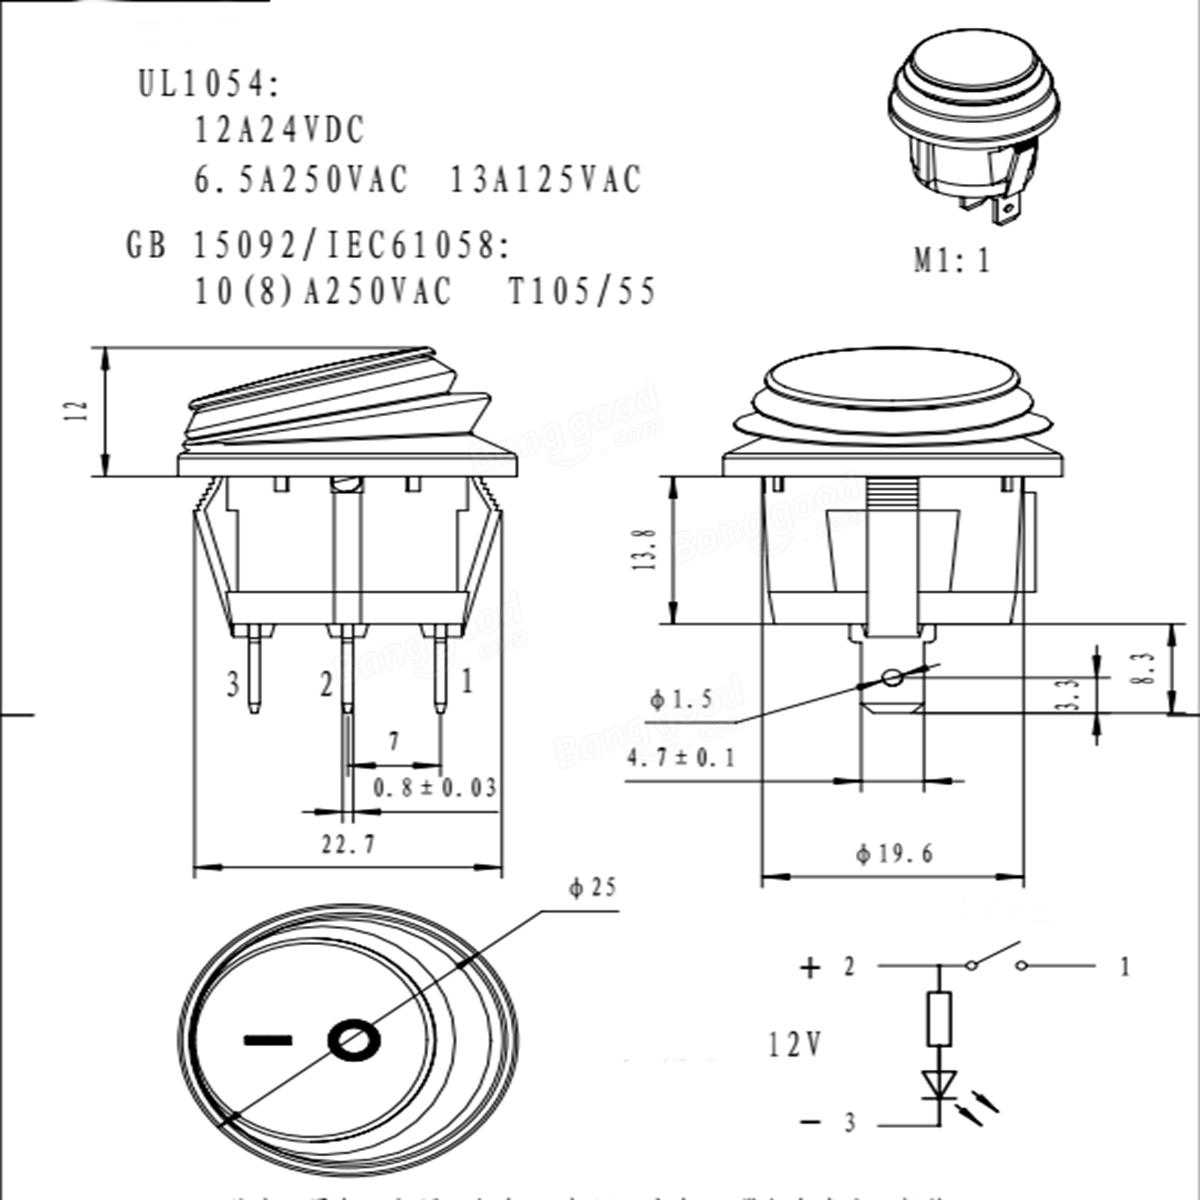 3 Pin Spst 12v 12a Led Interruptor De Encendido Apagado